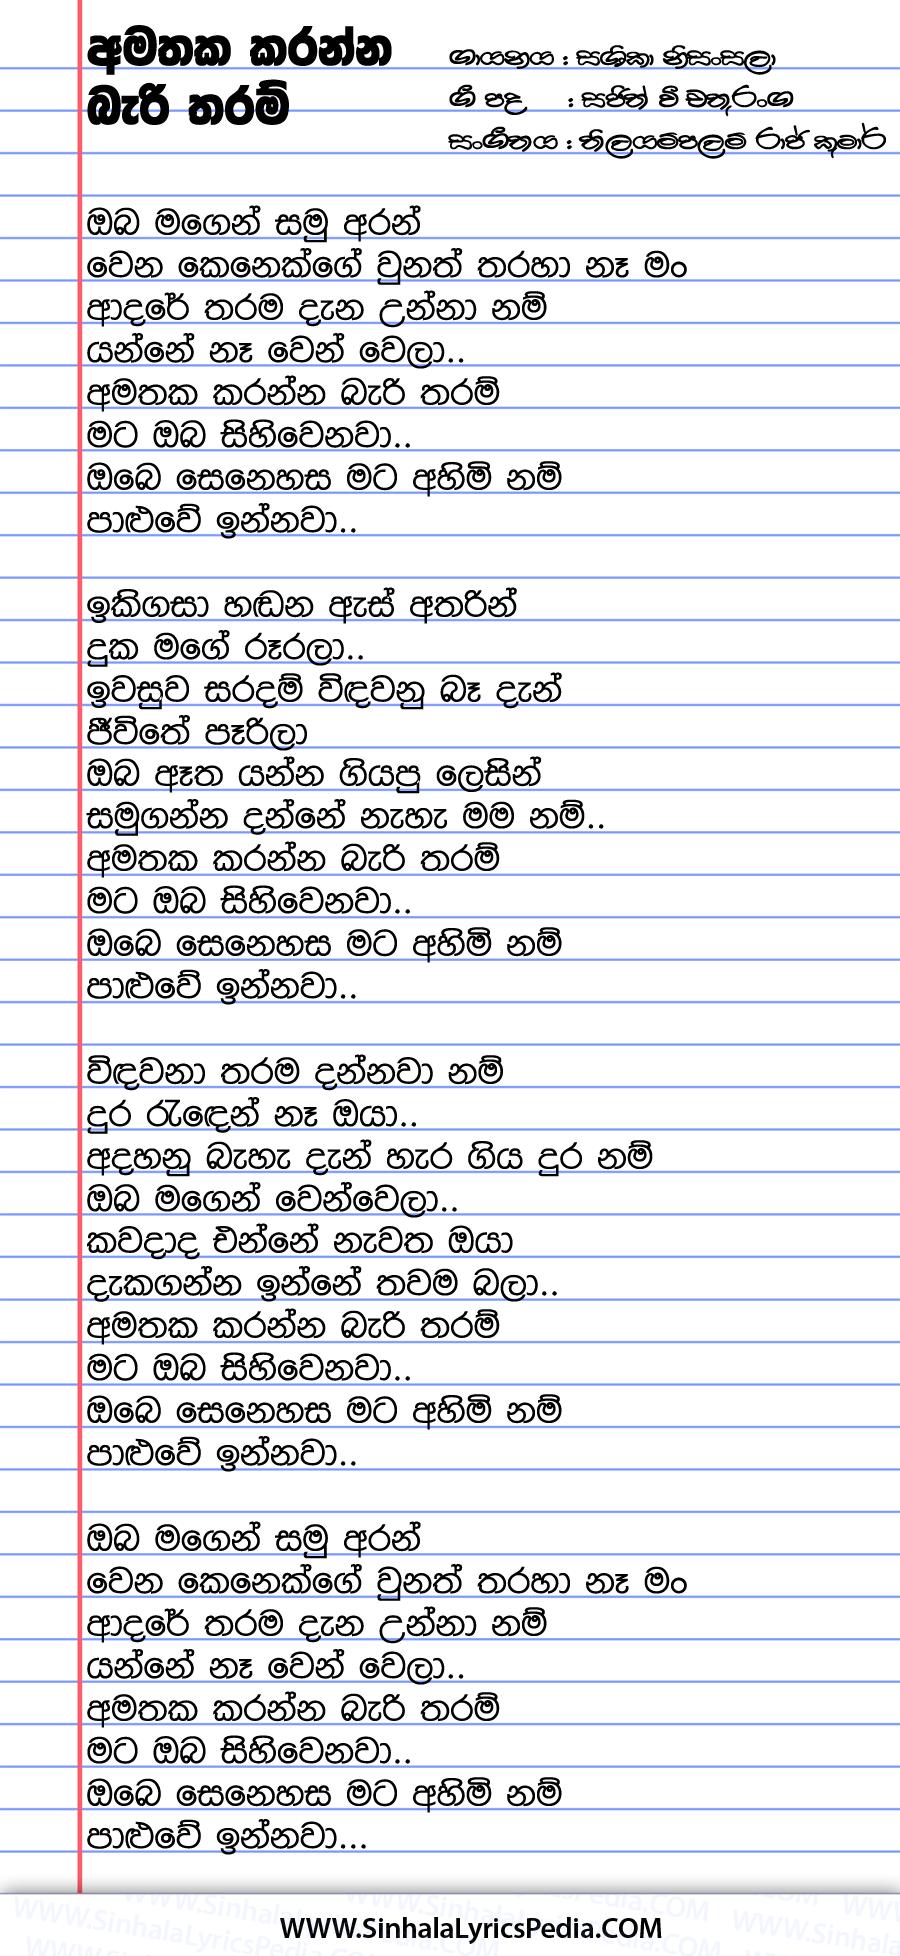 Amathaka Karanna Bari Tharam (Oba Magen Samu Aran) Song Lyrics